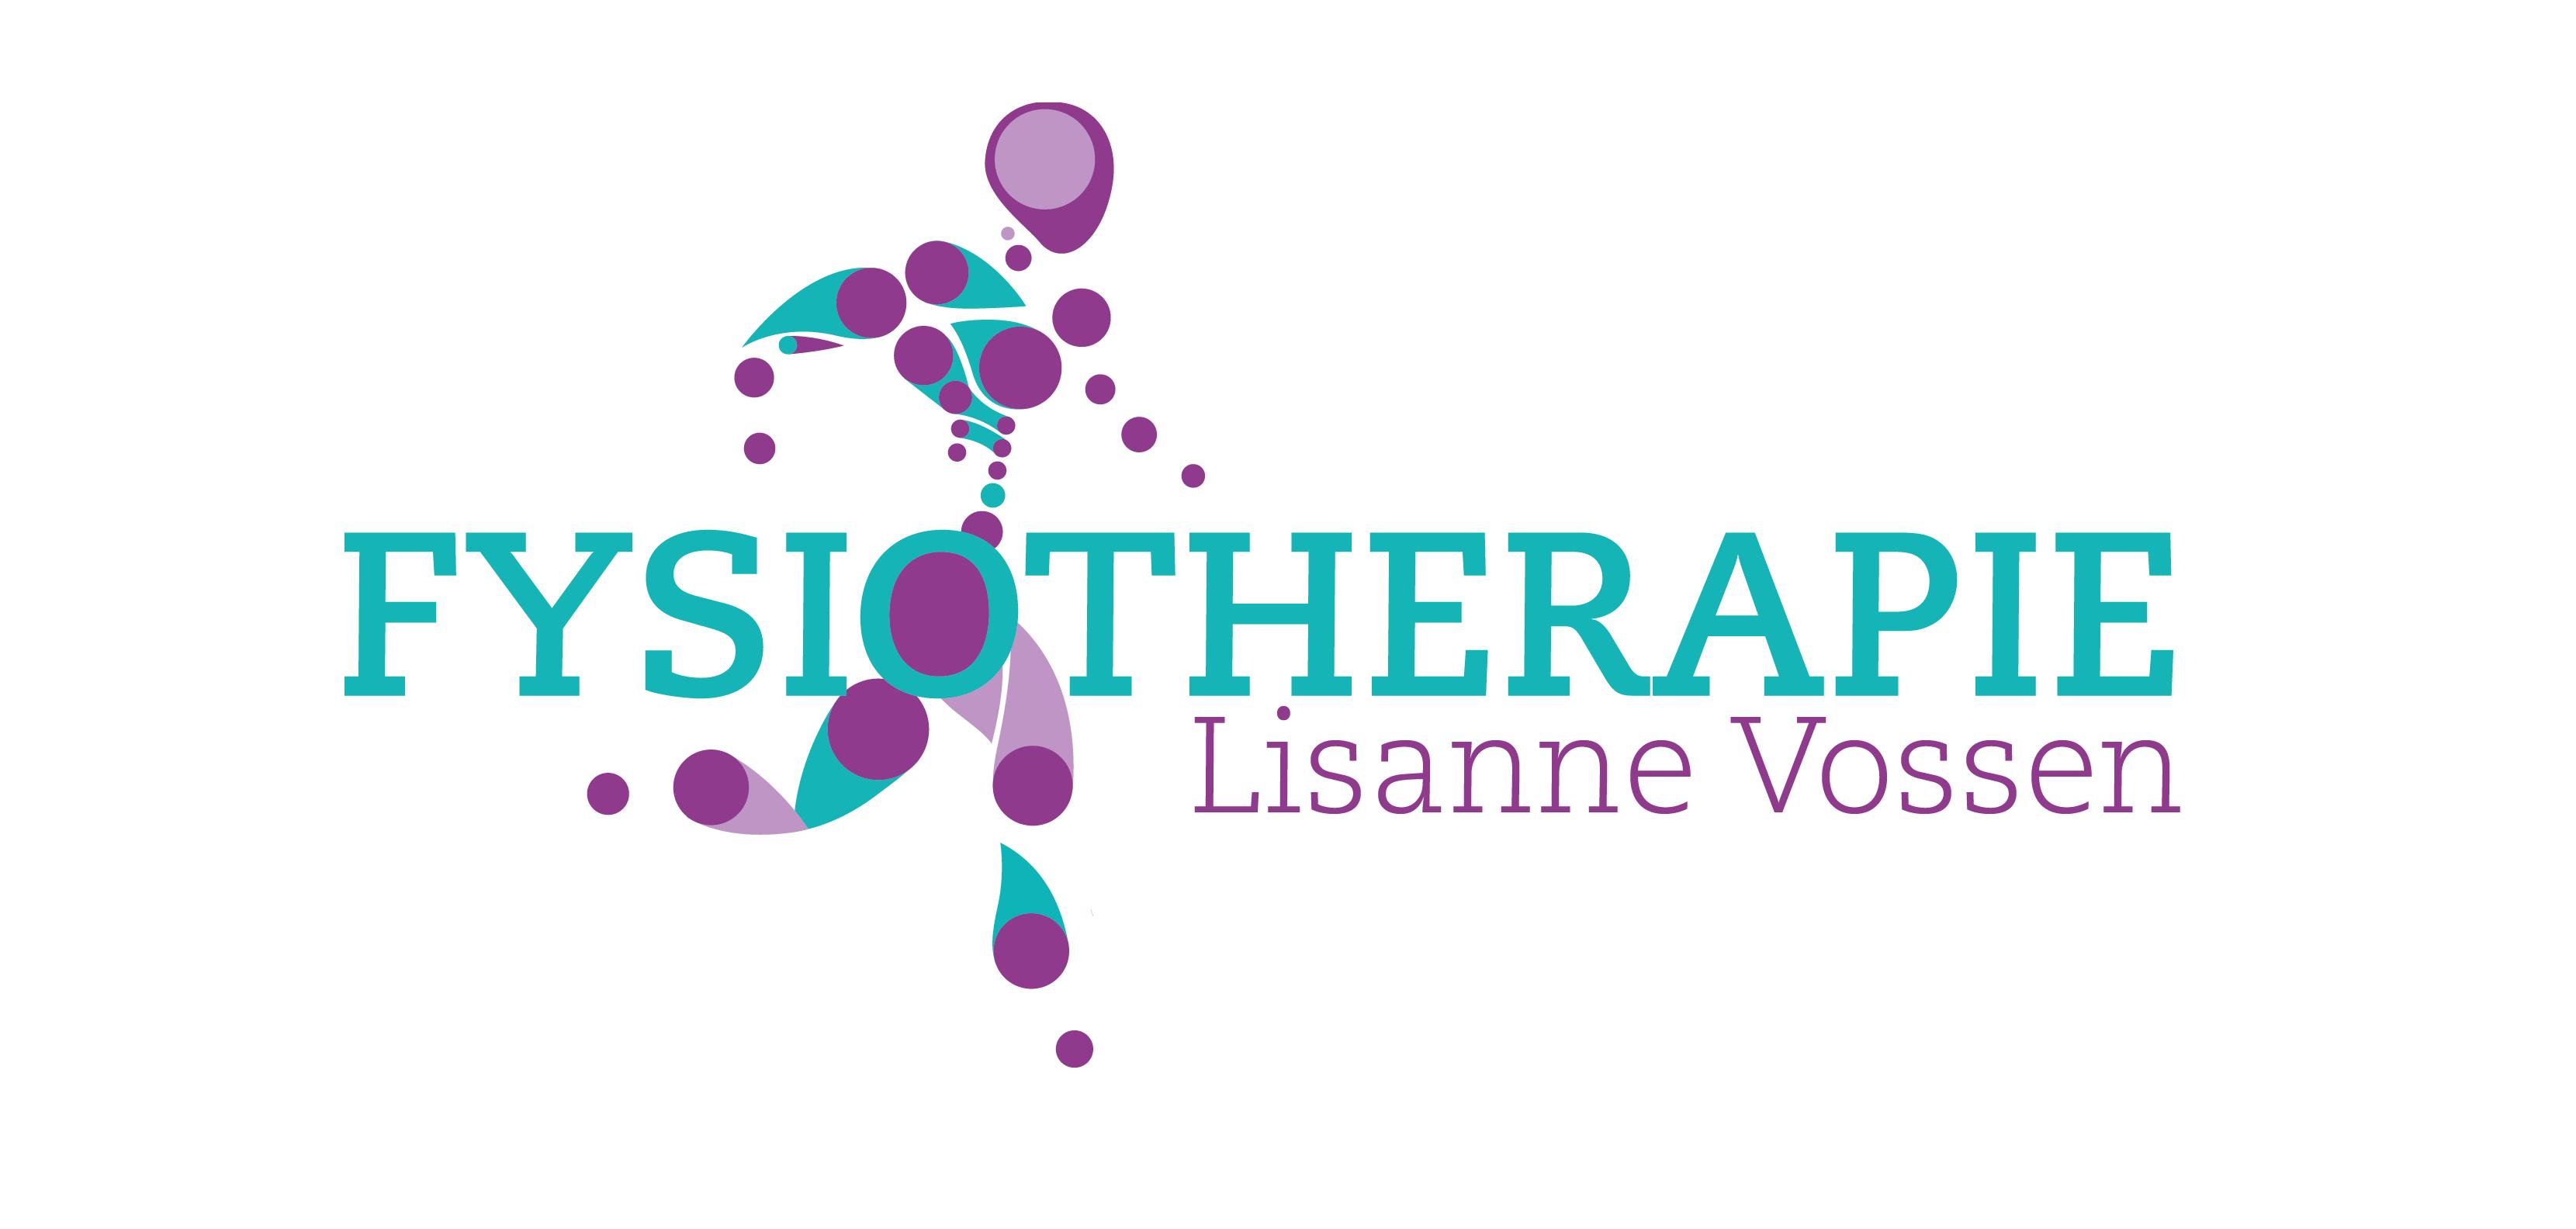 Fysiotherapie Lisanne Vossen